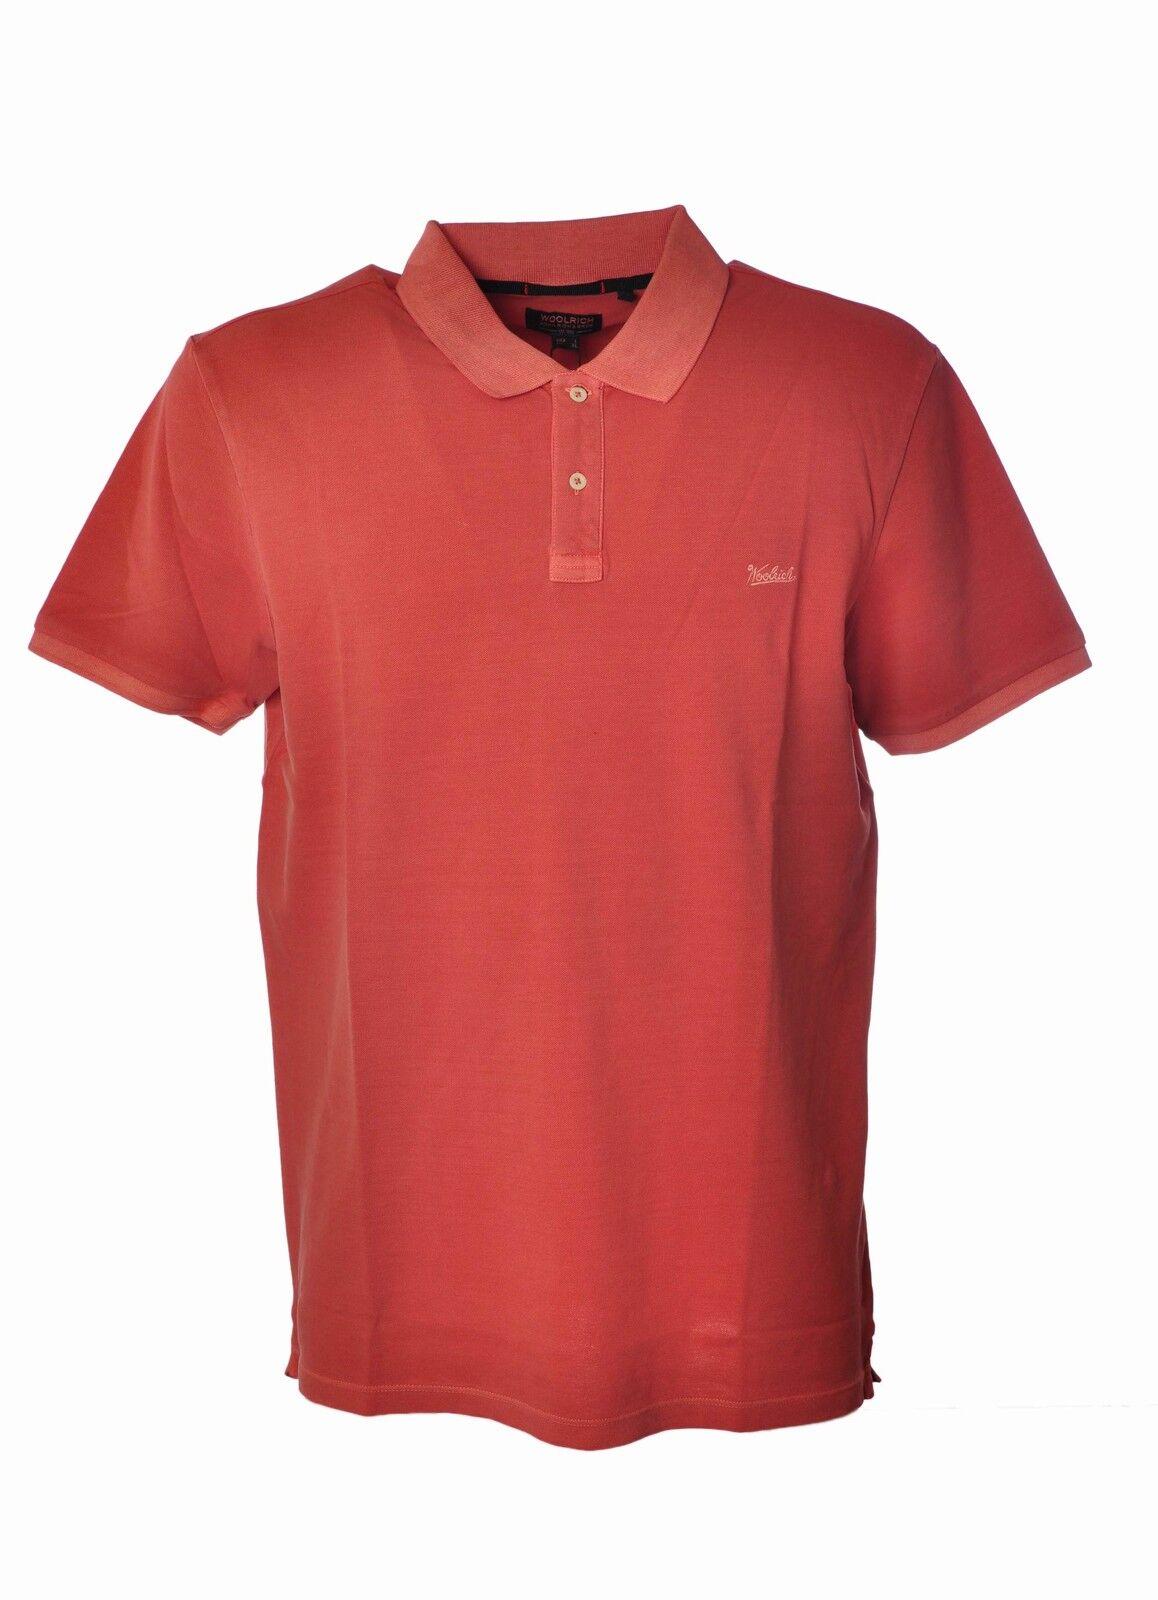 Woolrich  -  Polo - Männchen - orange - 3724728A185239